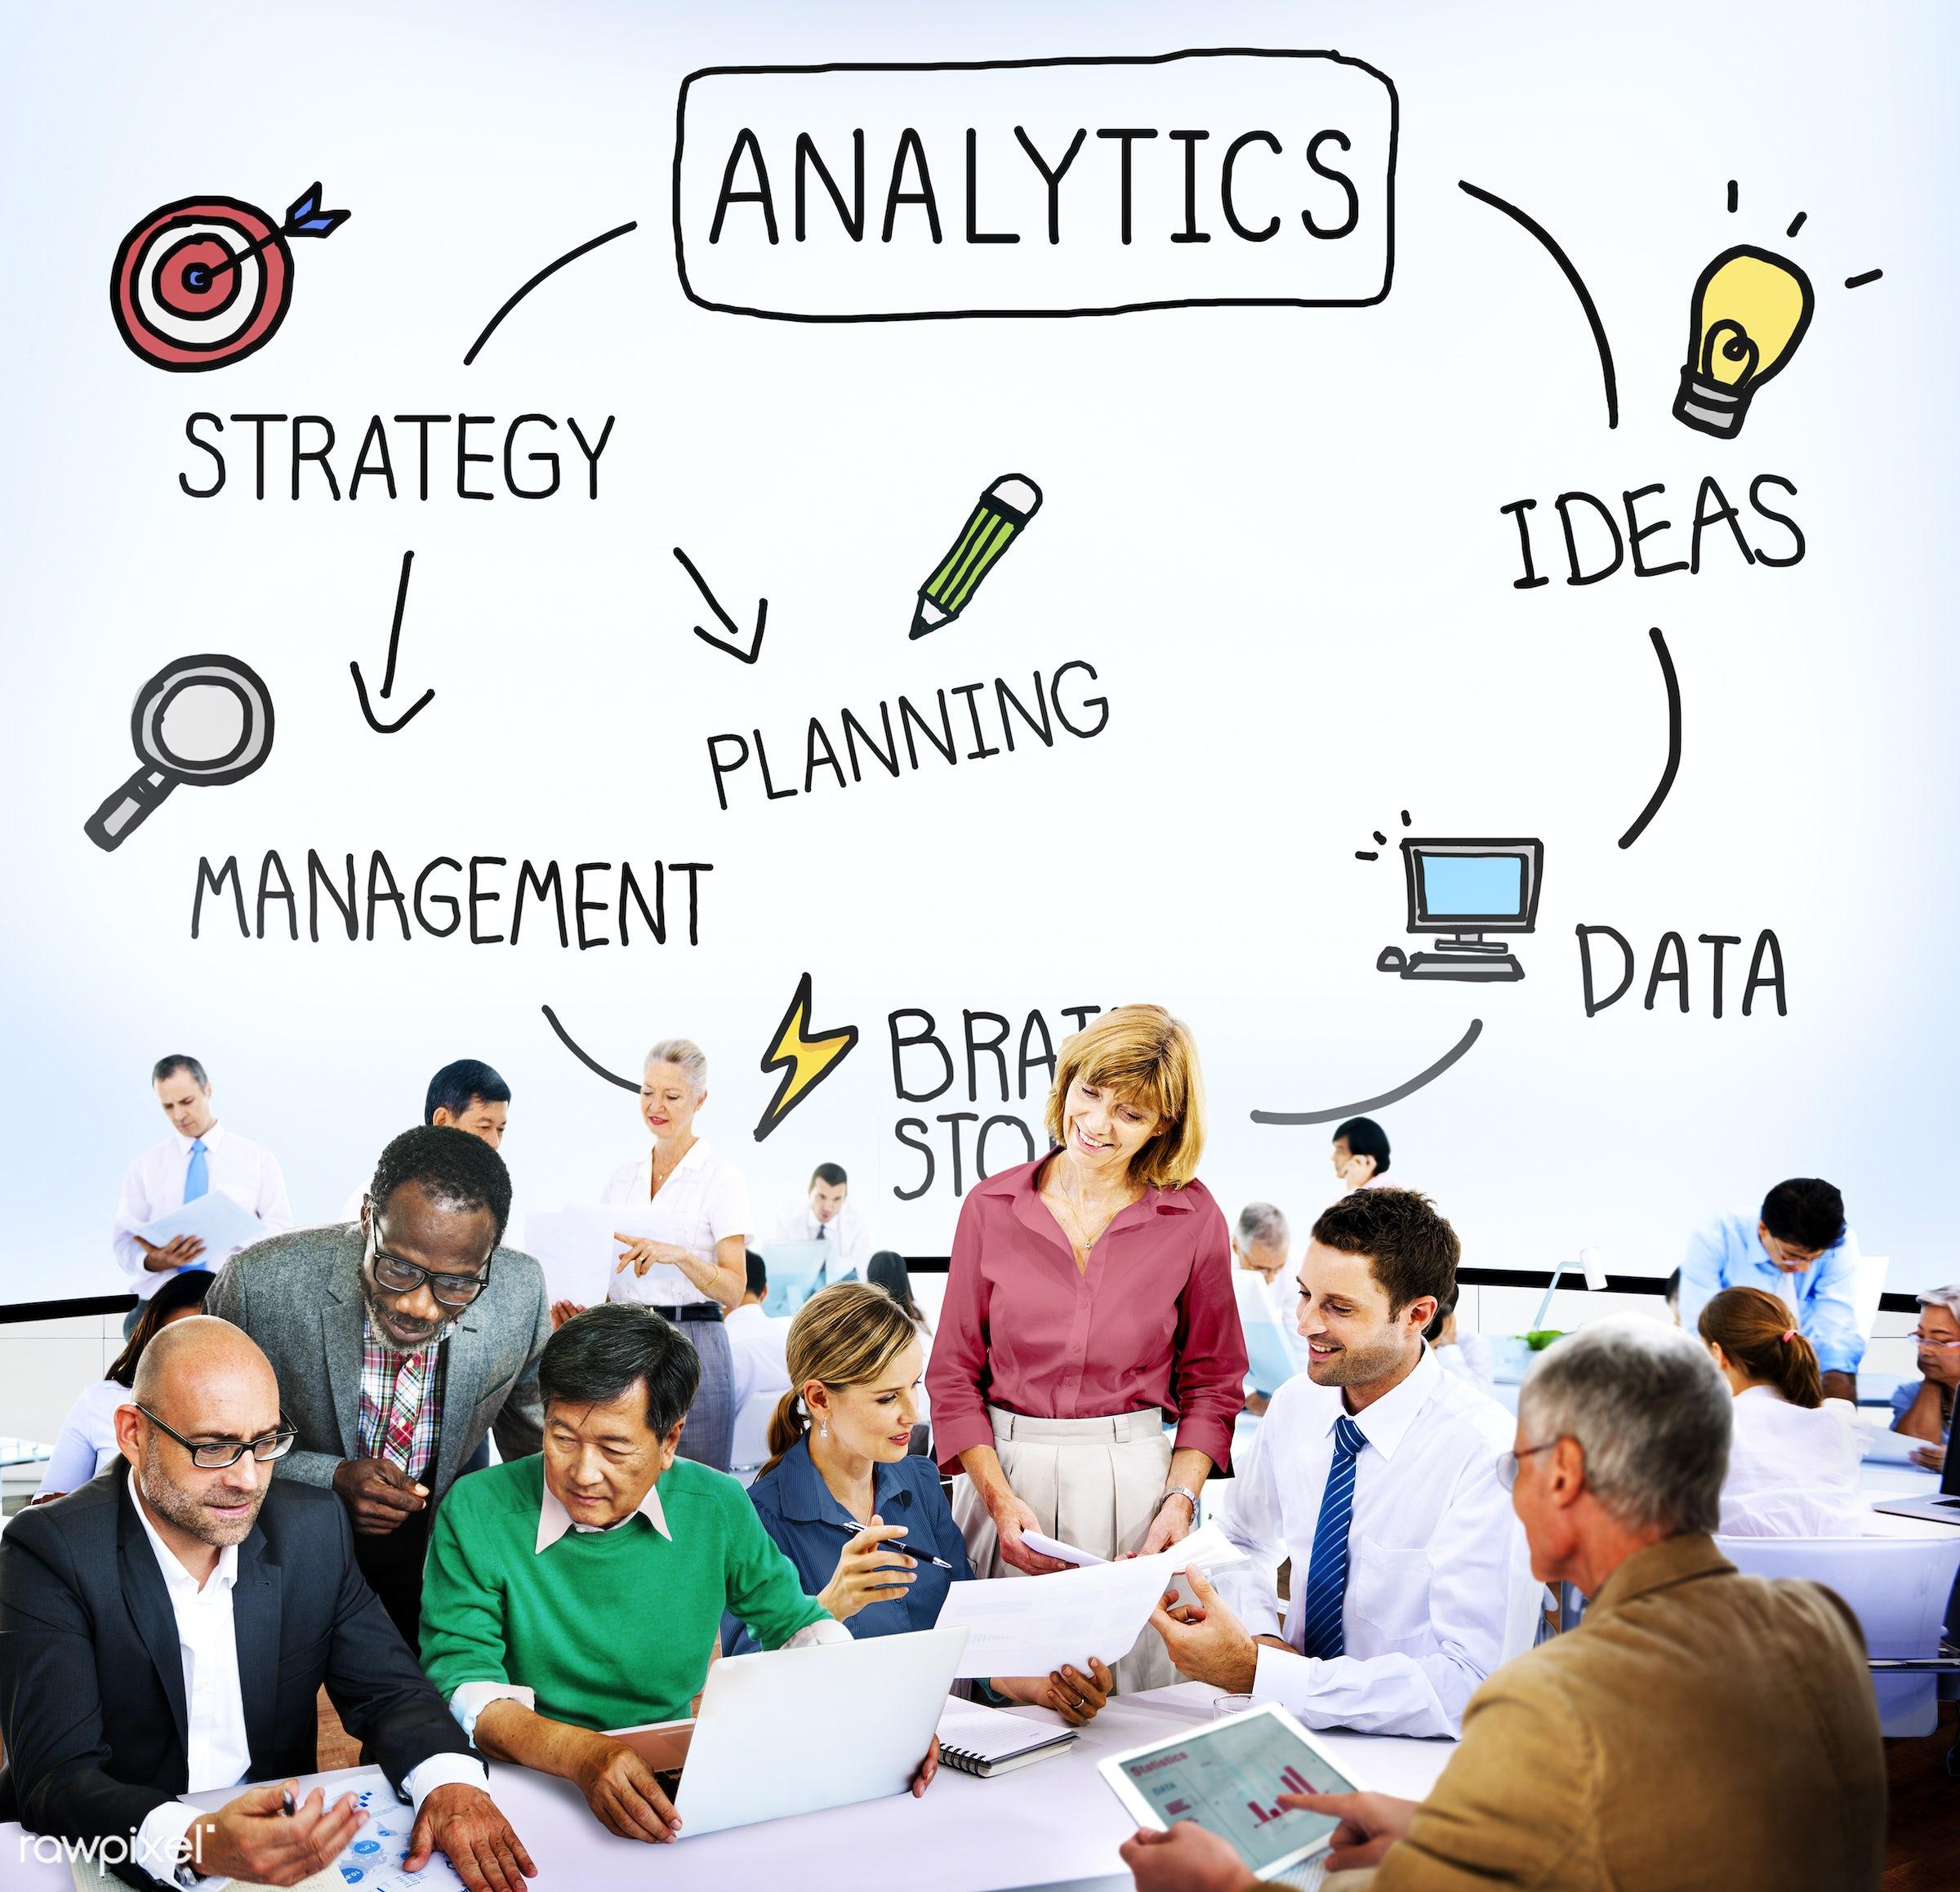 analysis, analytics, big data, brainstorm, business, business people, businessmen, businesswomen, busy, communication,...